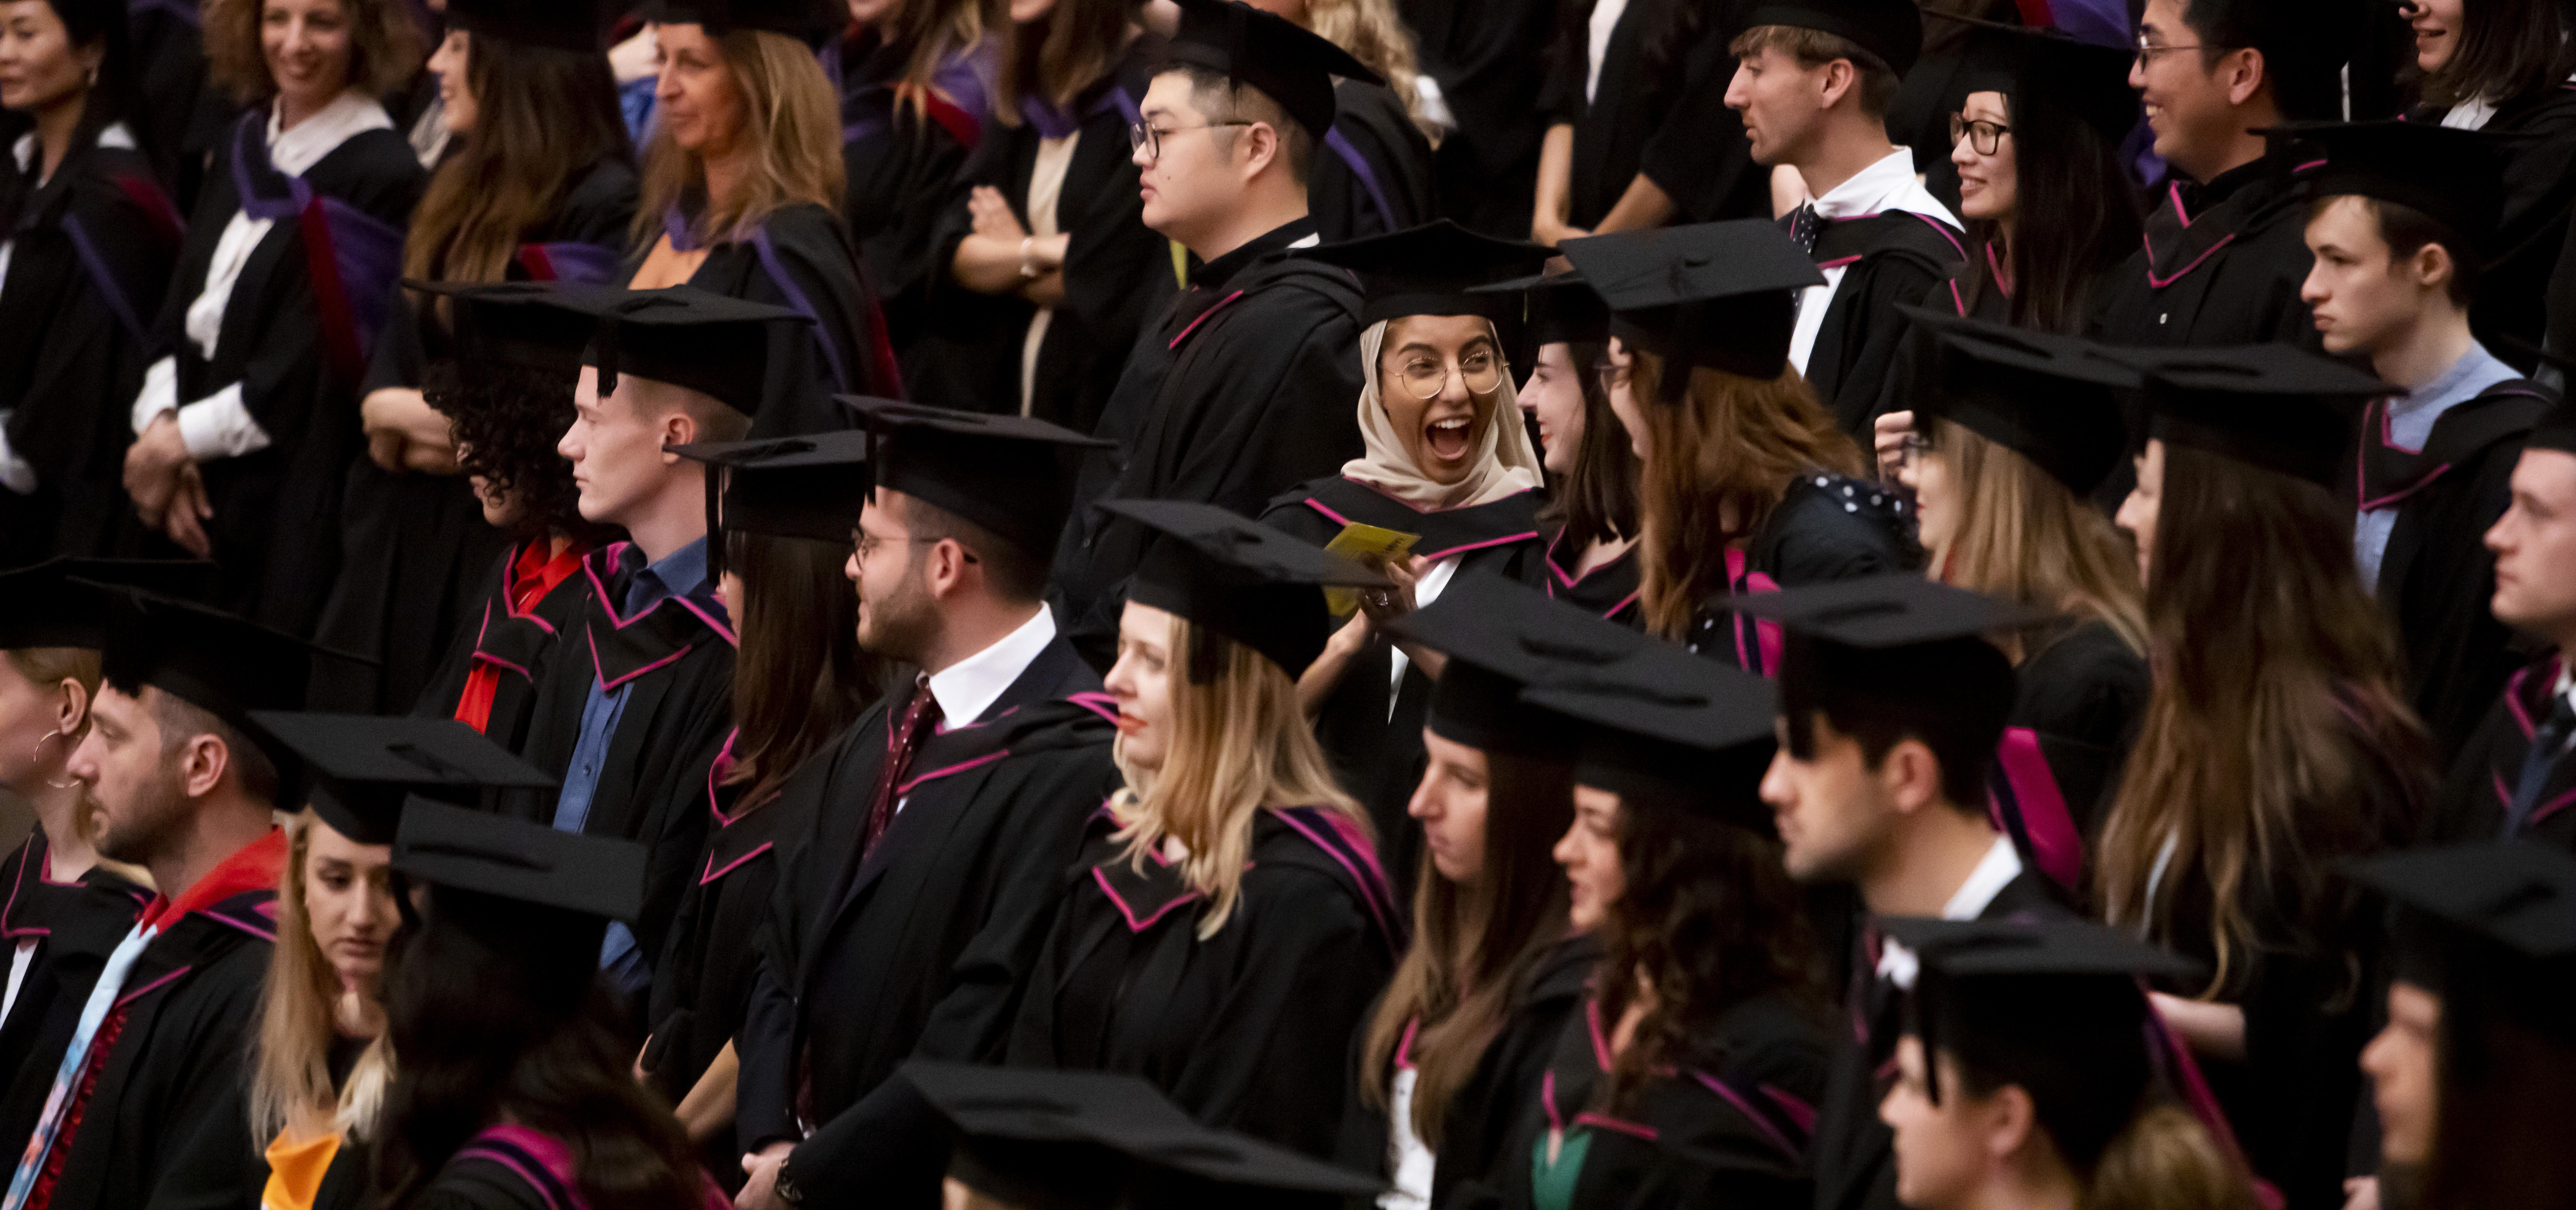 Graduating students sitting in auditorium